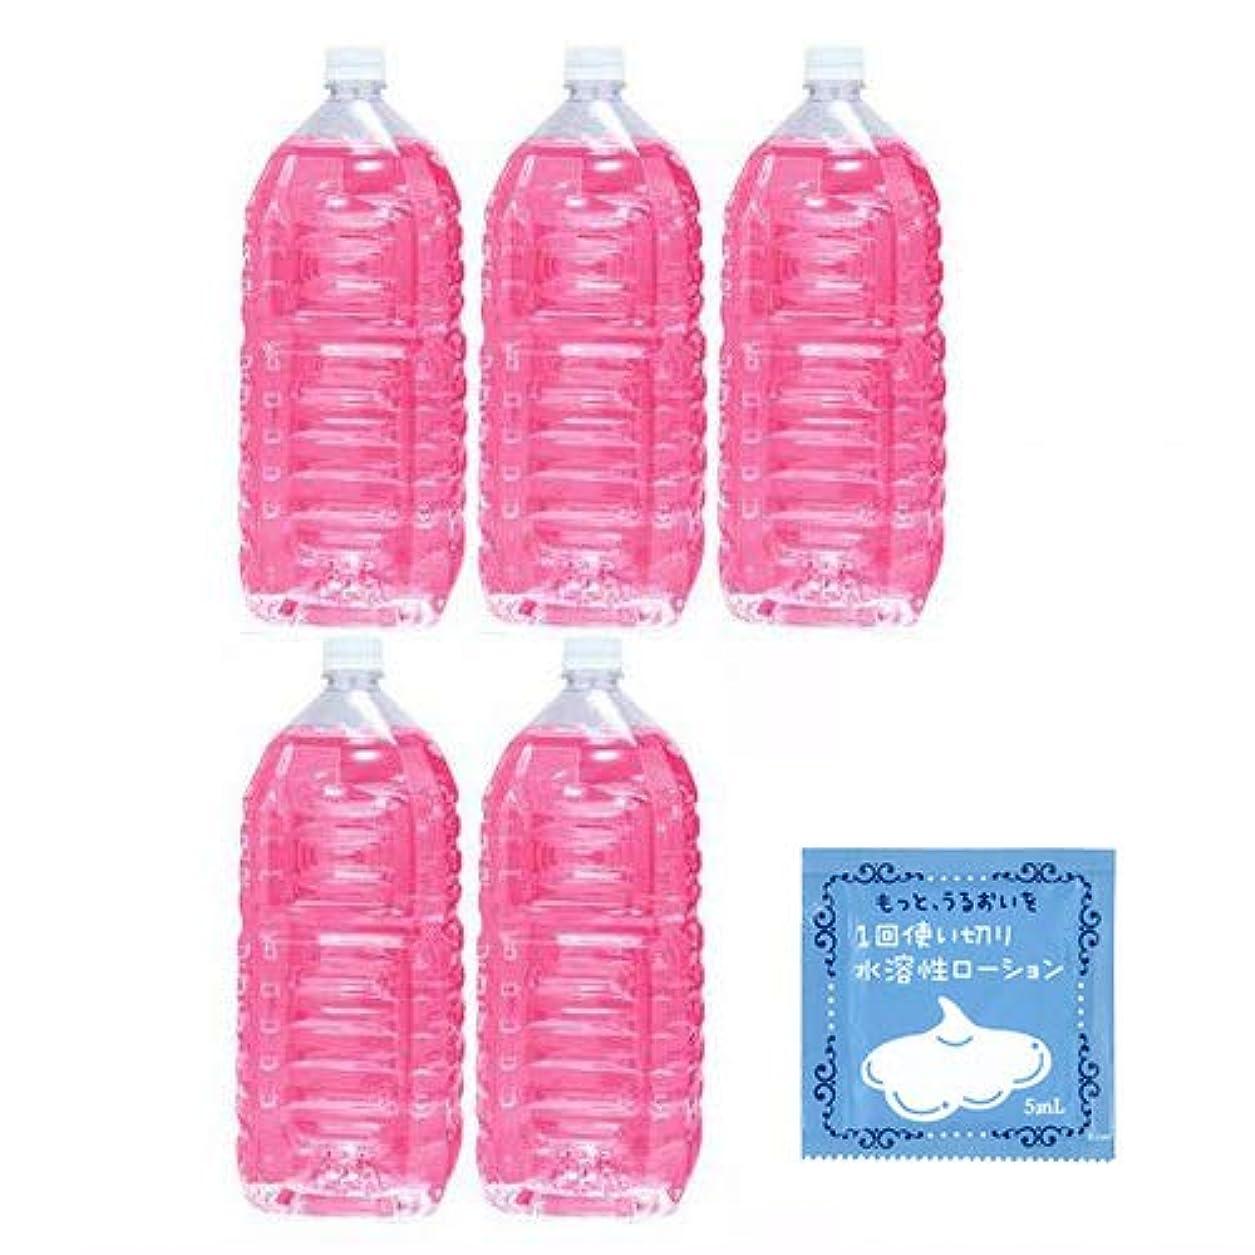 悪化させる雇用者に賛成ピンクローション 2Lペットボトル ハードタイプ(5倍濃縮原液)業務用ローション ×5本セット + 1回使い切り水溶性潤滑ローション